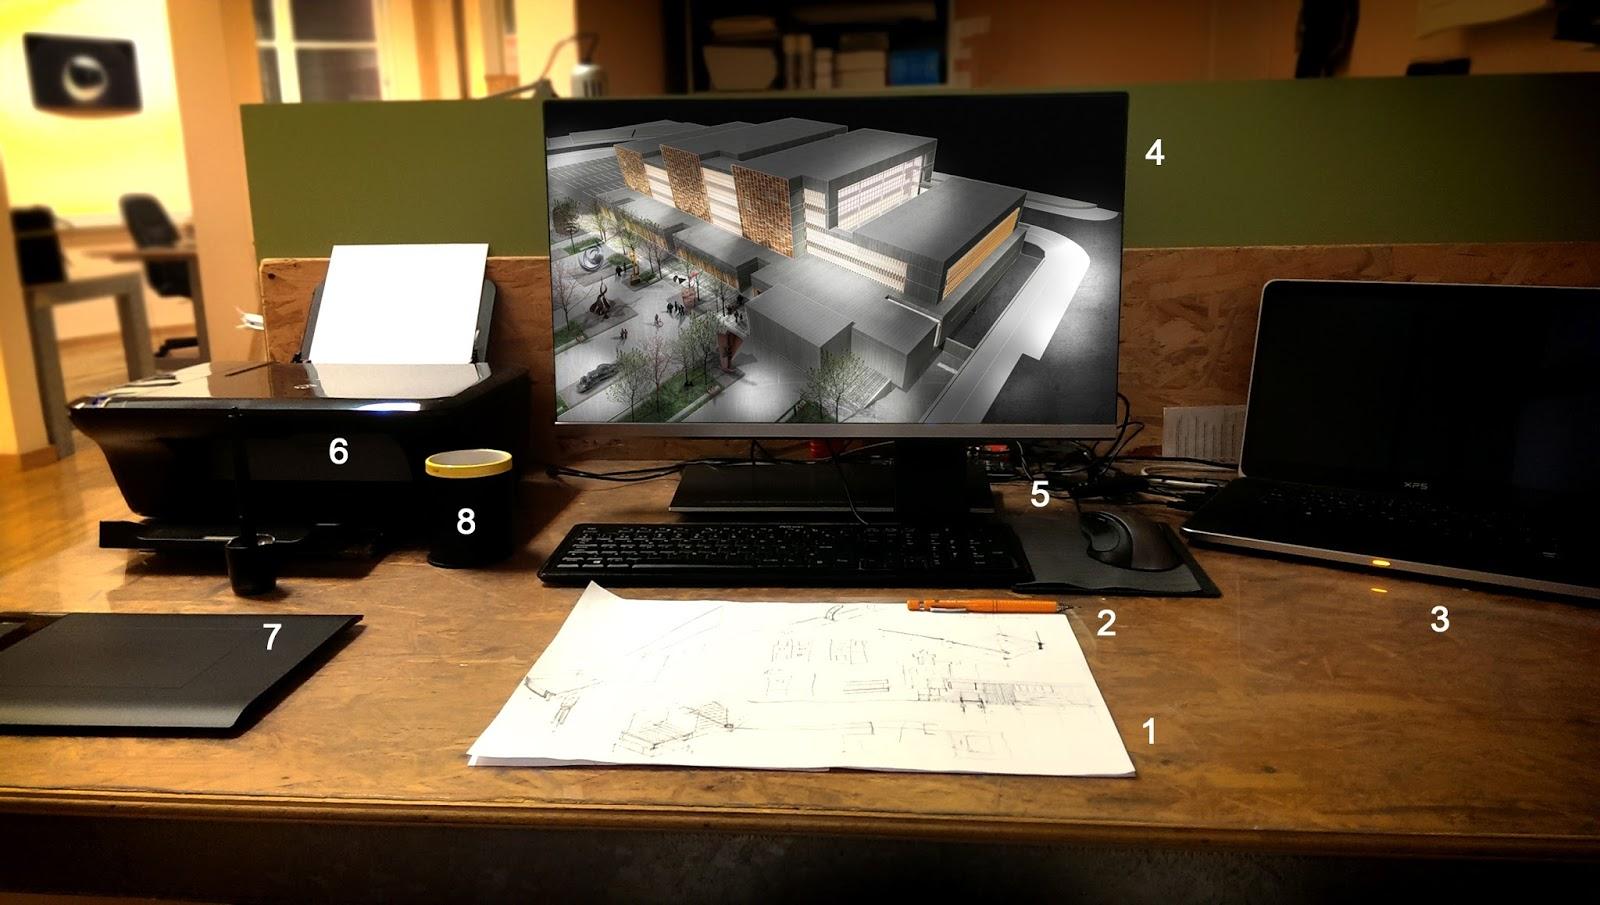 Hago lo que hago qu tiene un arquitecto en su escritorio - Mesas de arquitecto ...